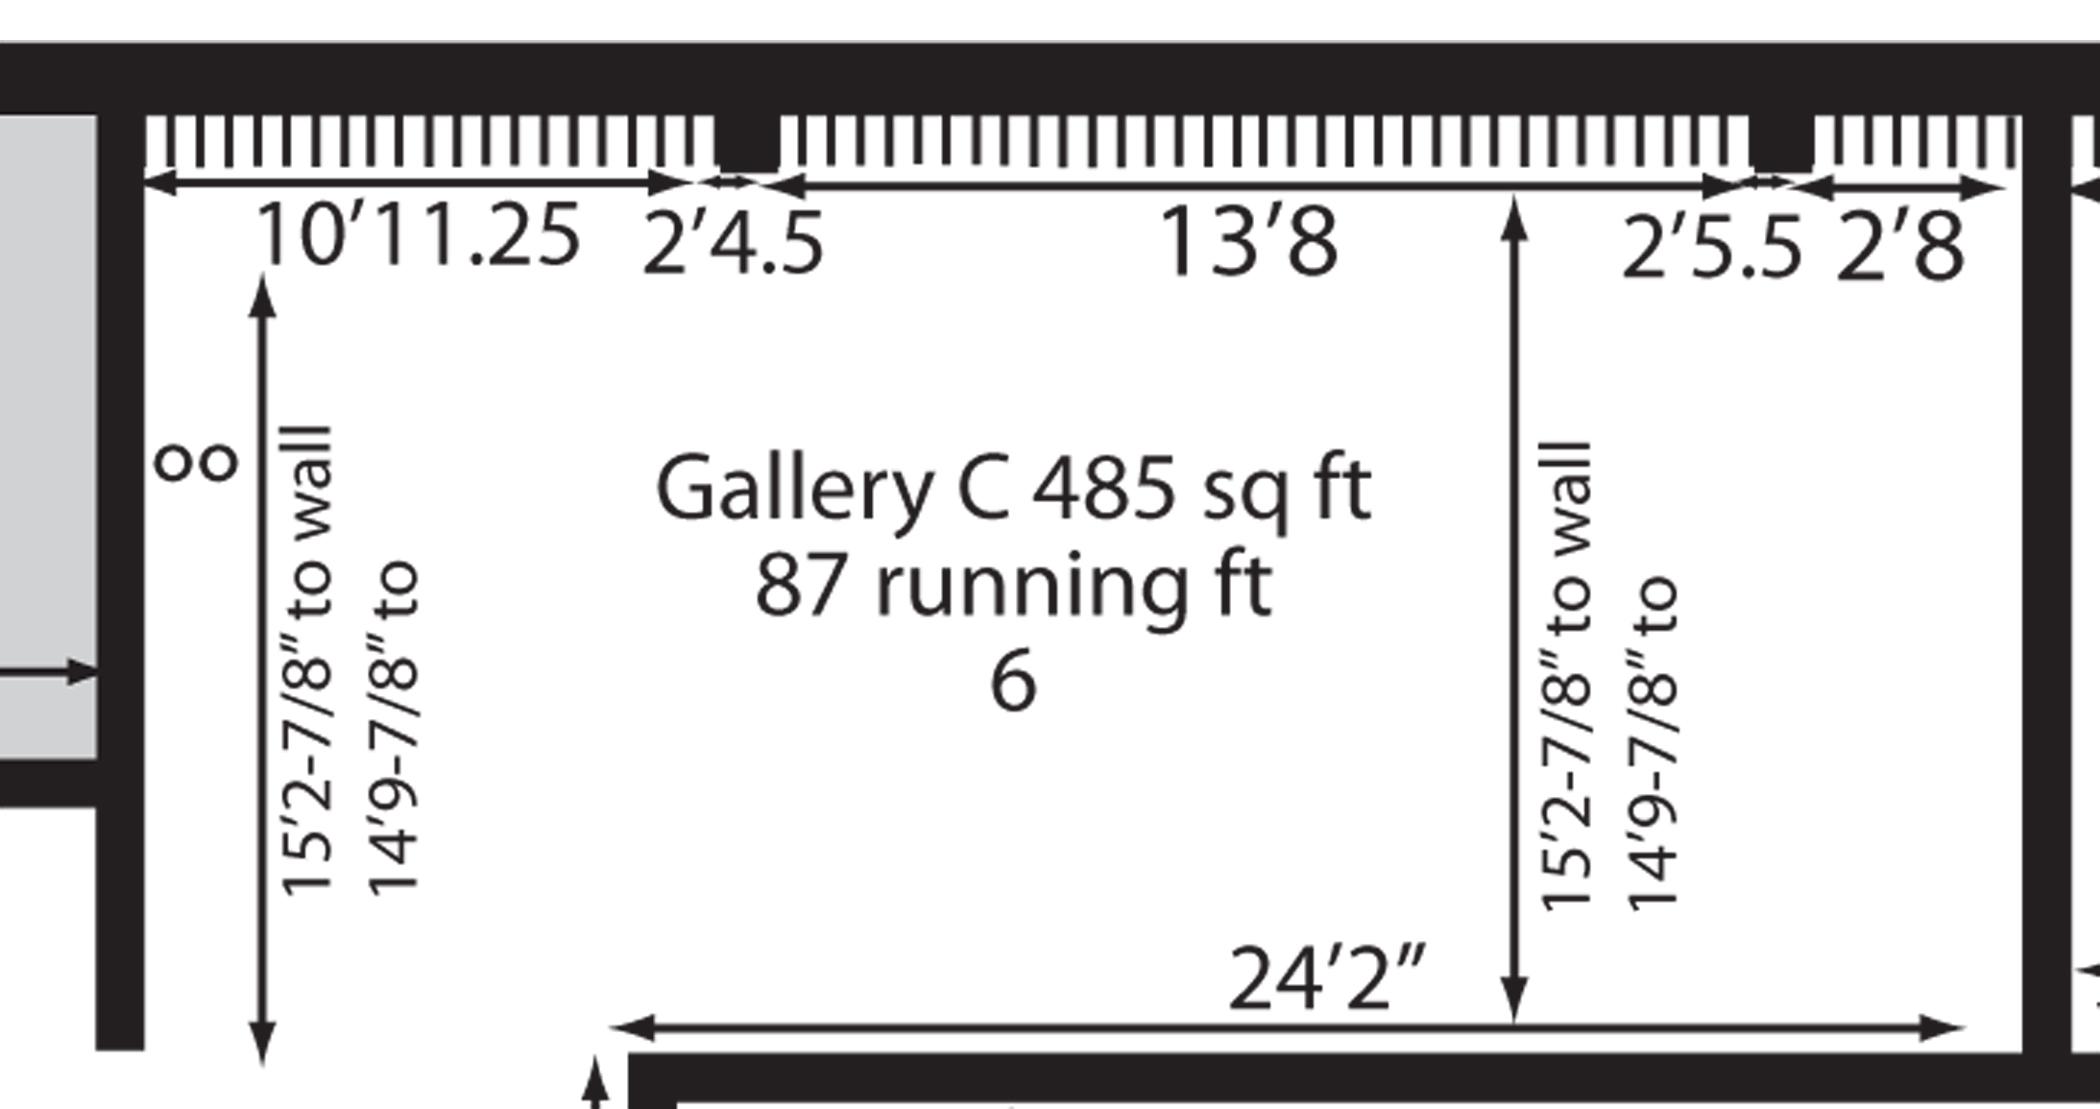 ArtLab Floor Plan (resource for prospective artists)